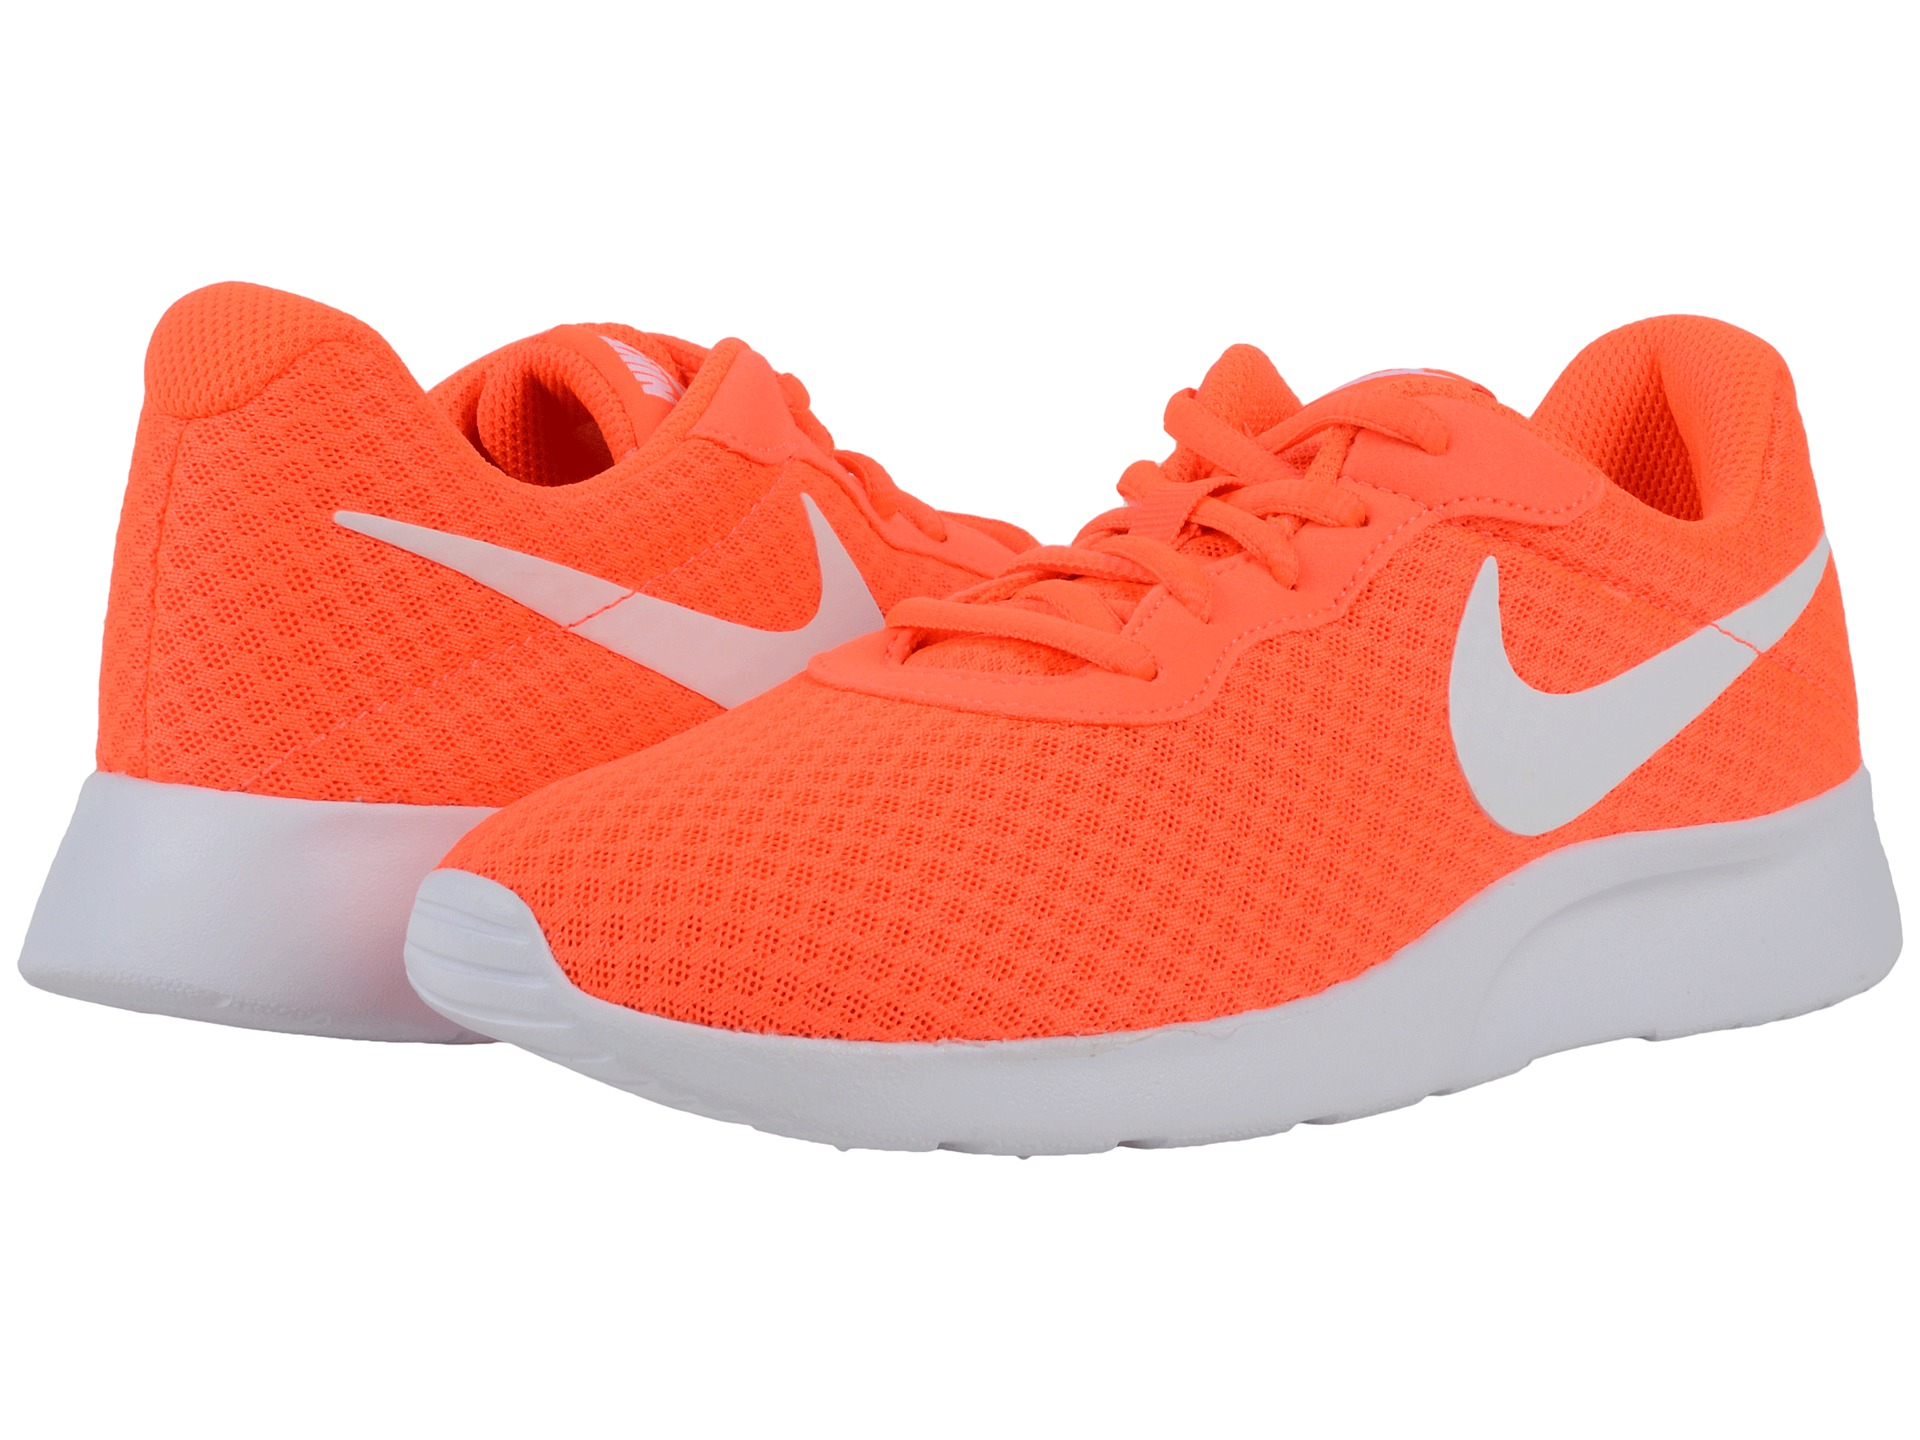 Top Lyst - Nike Tanjun in Orange IT37